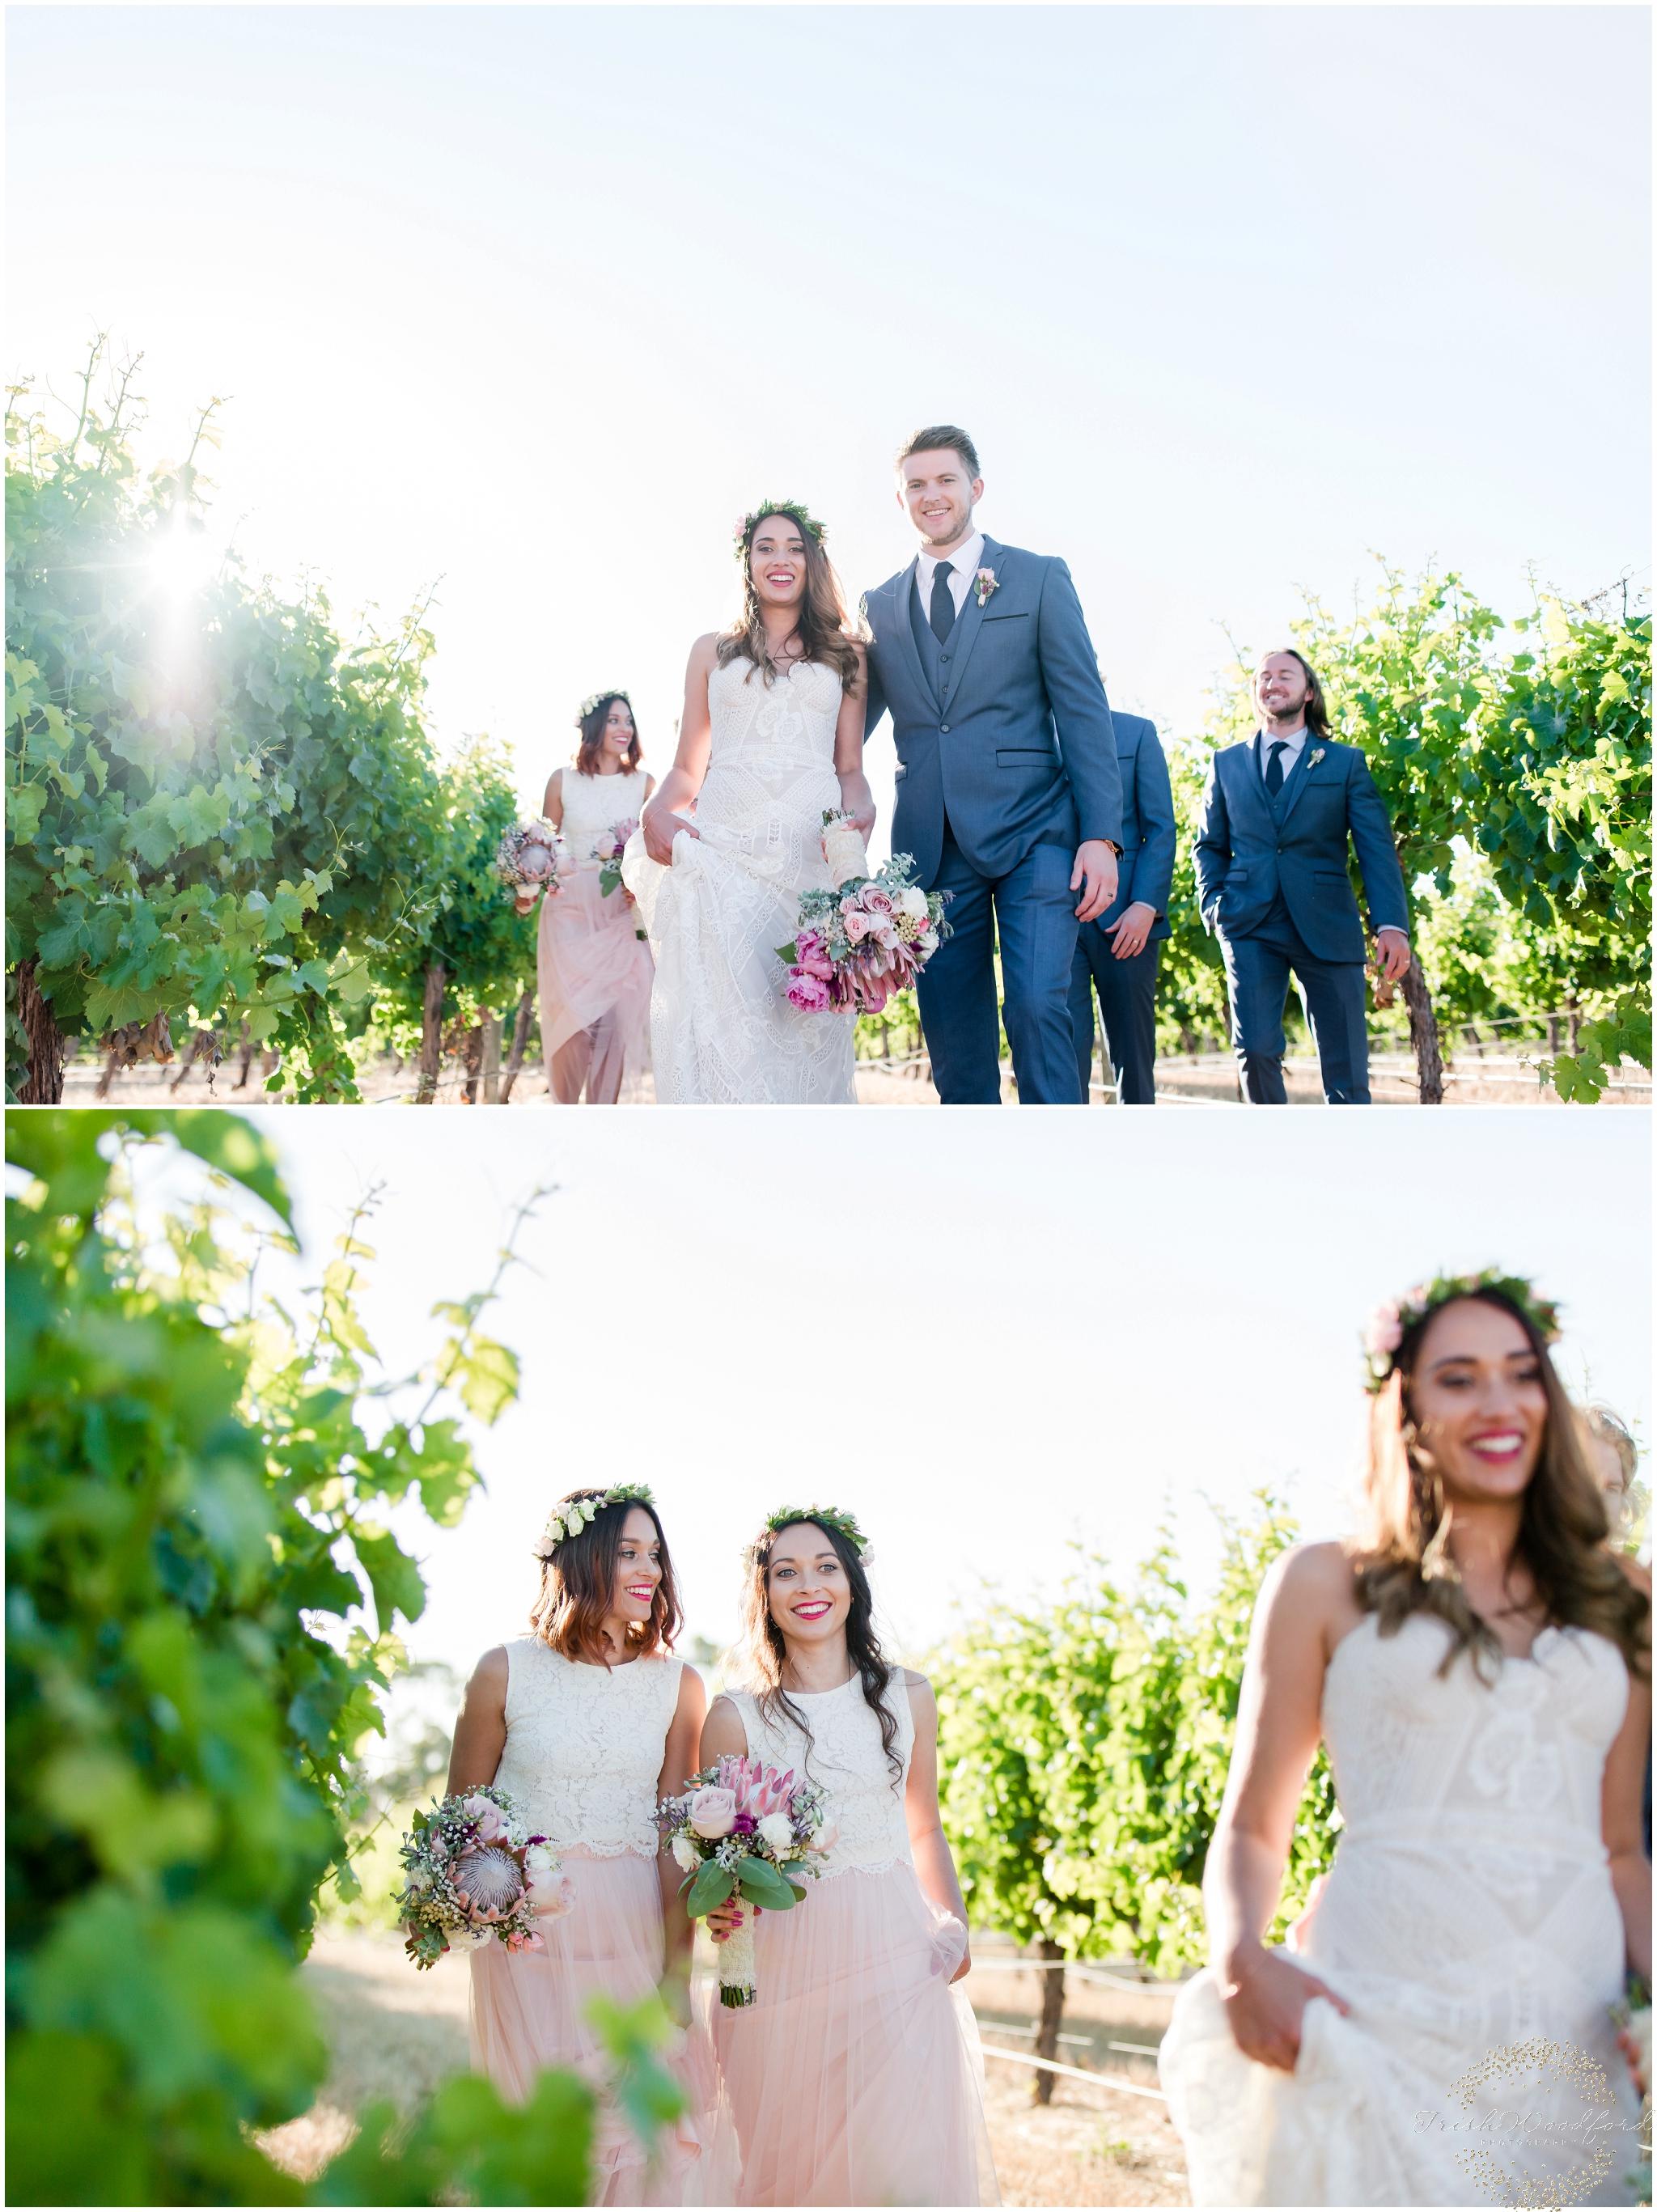 VineyardWeddingPhotosLauranceWines